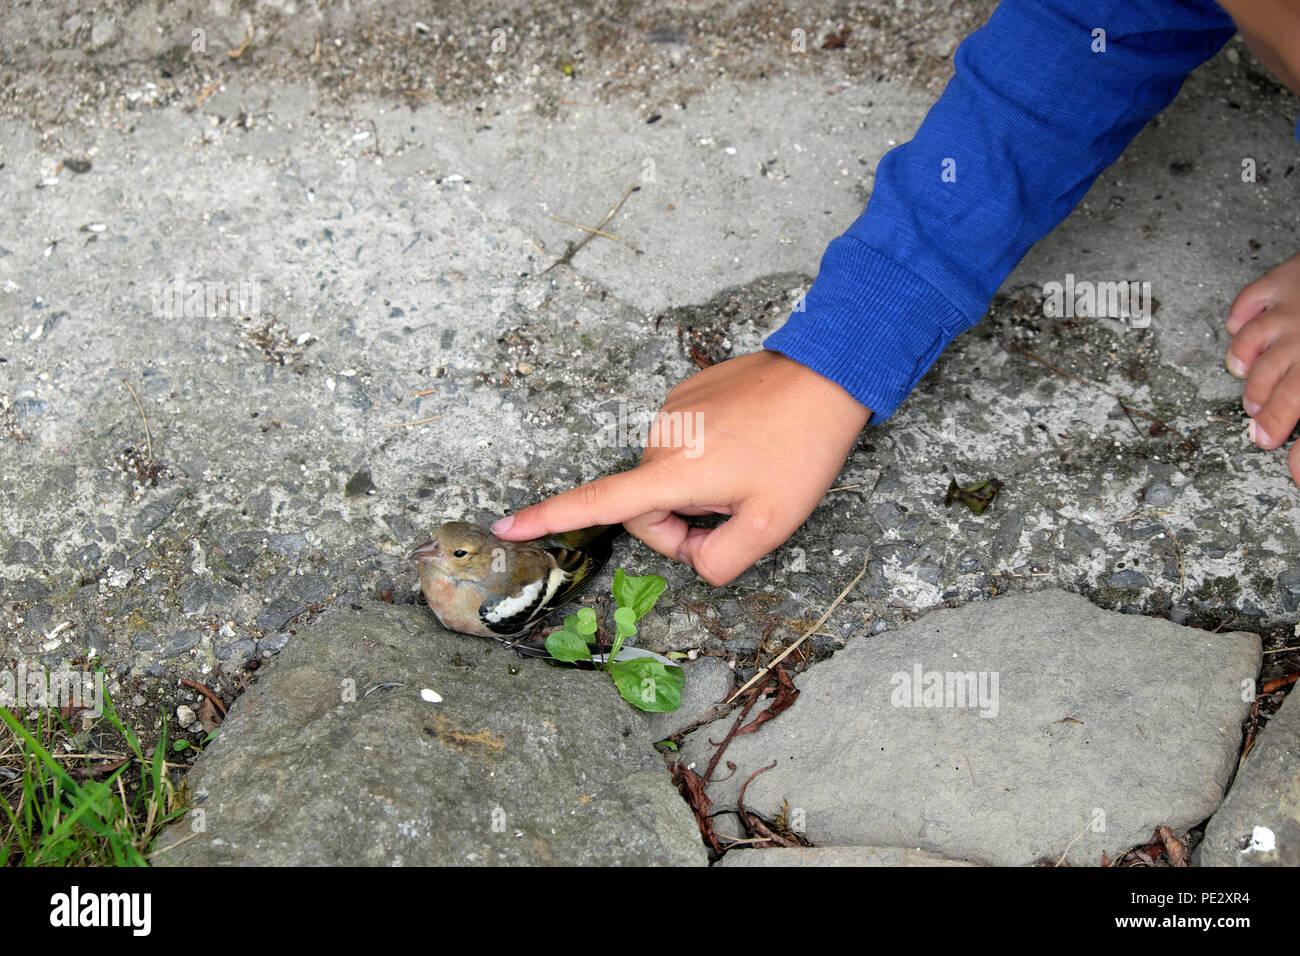 La main de l'enfant de caresser de pinson oiseau posé sur le sol assommé après s'écraser dans une fenêtre dans Carmarthenshire Wales UK. KATHY DEWITT Photo Stock